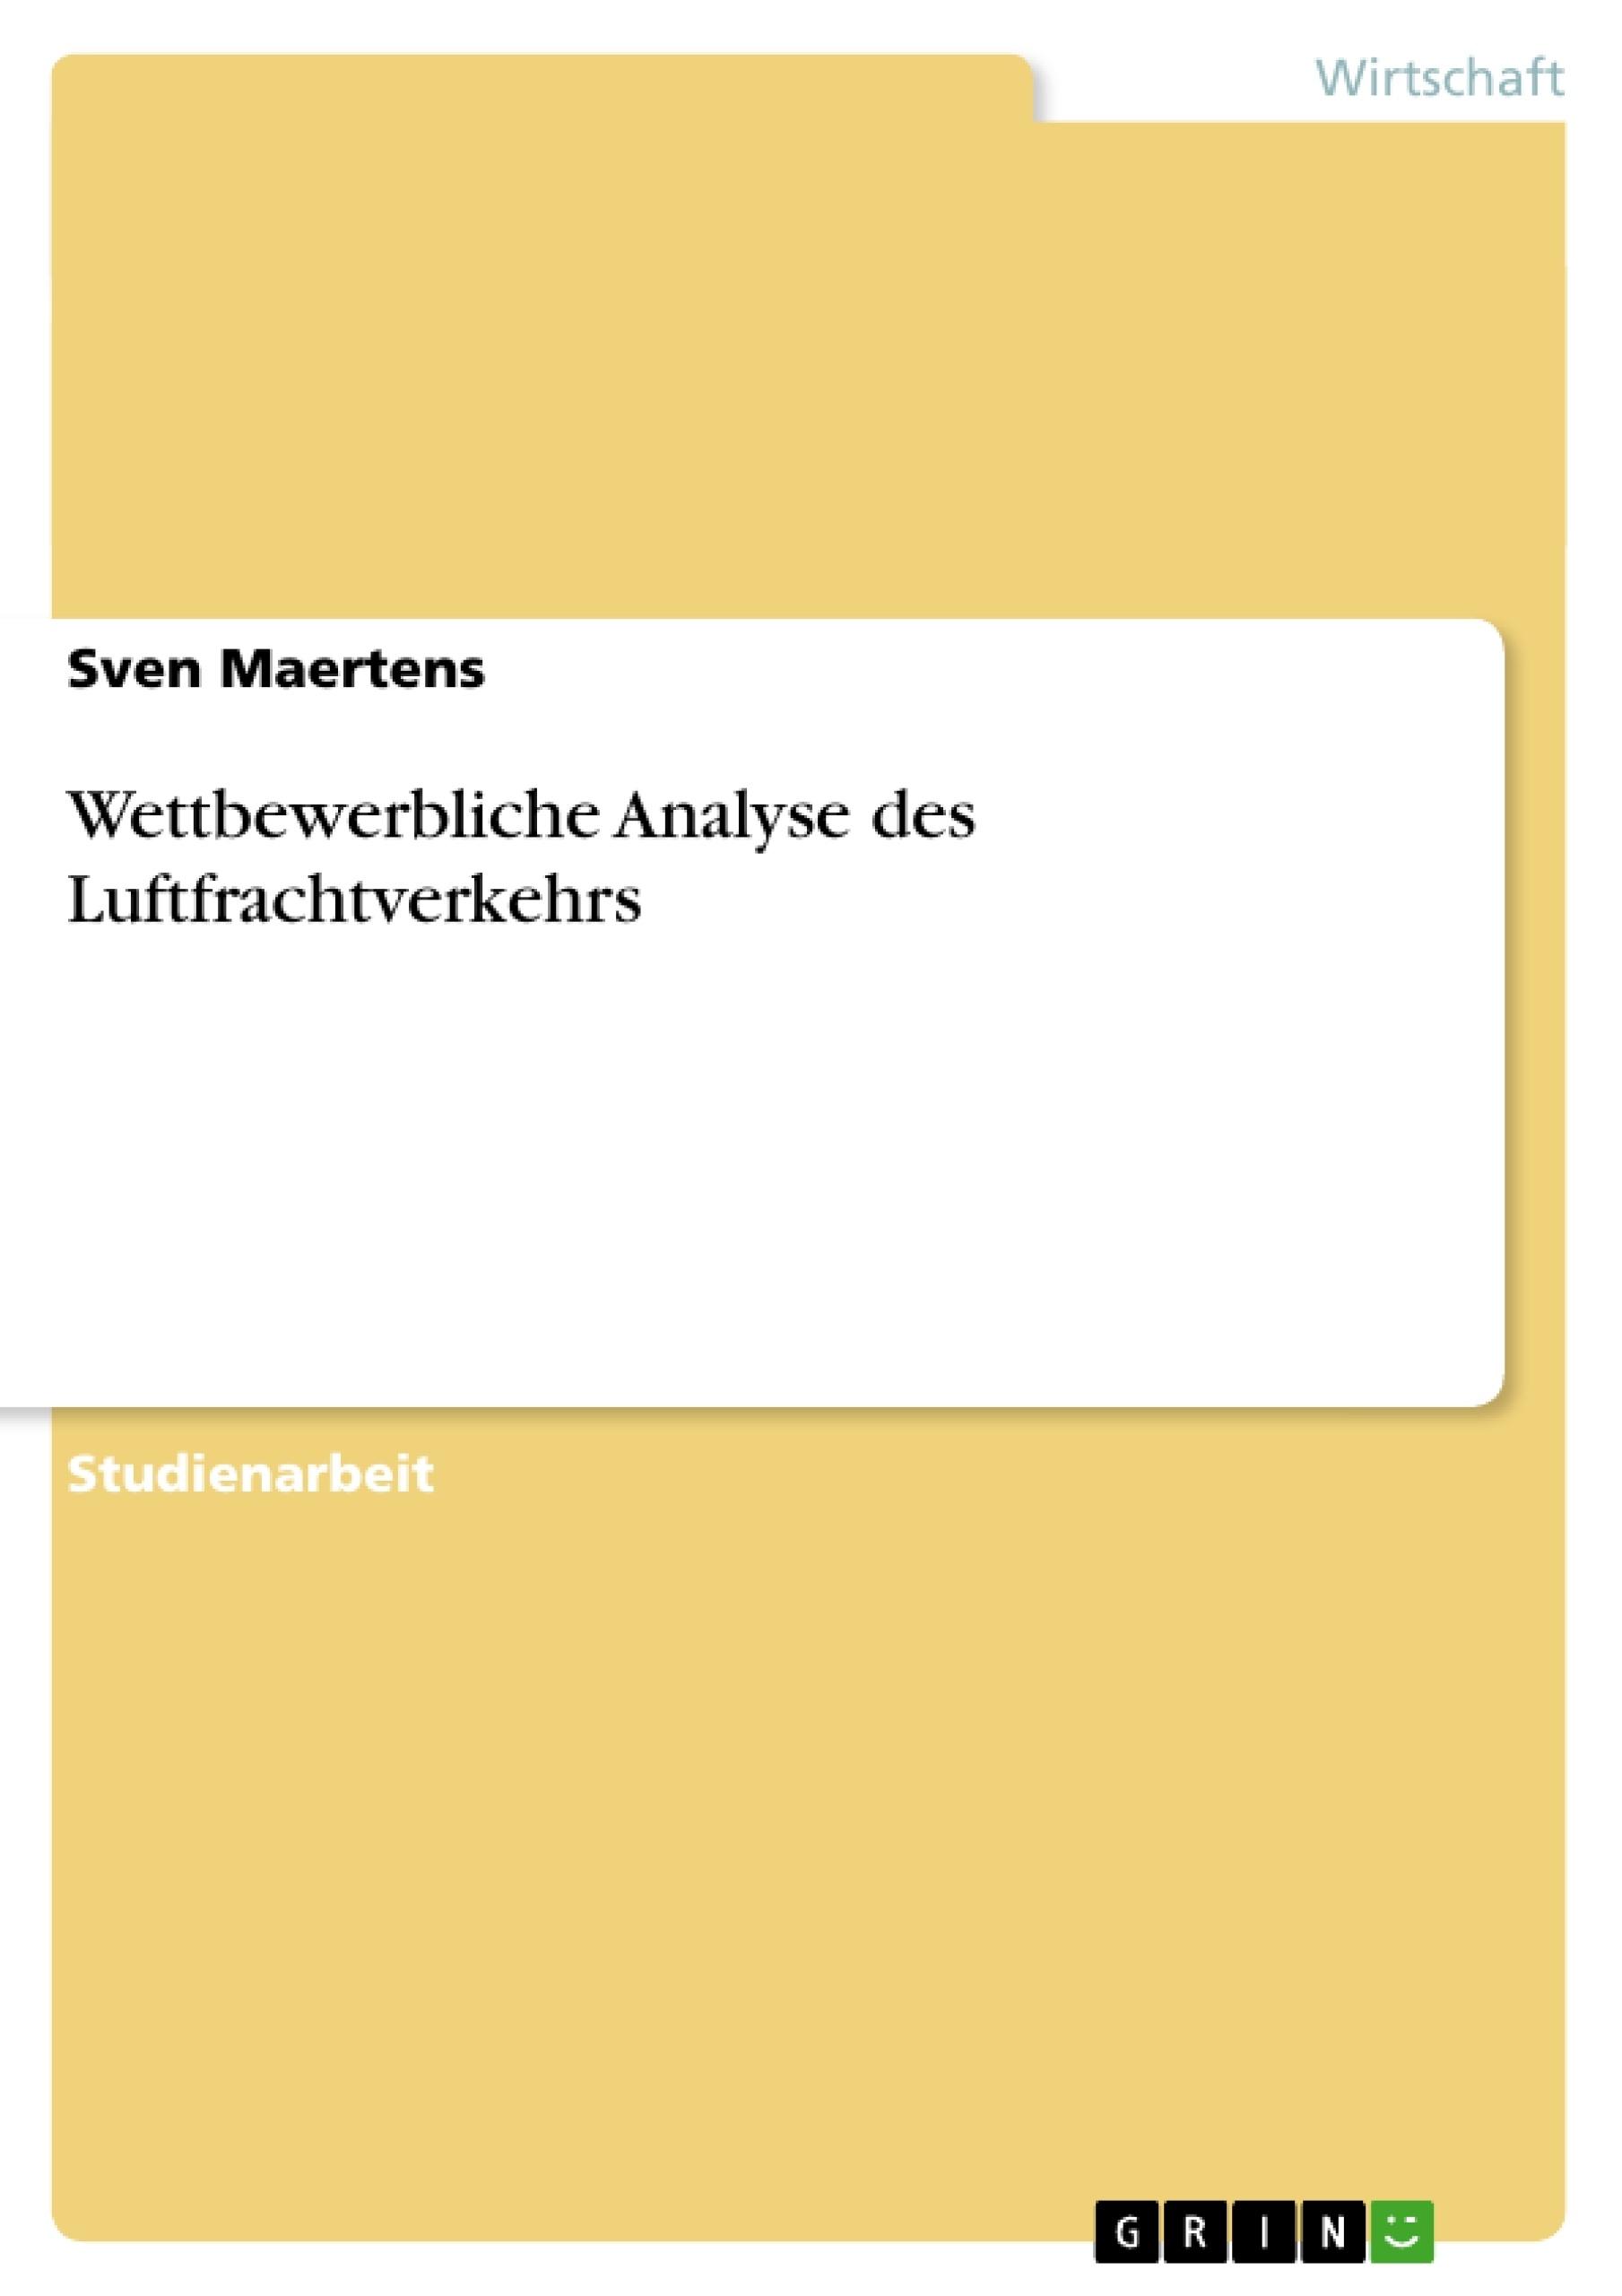 Titel: Wettbewerbliche Analyse des Luftfrachtverkehrs